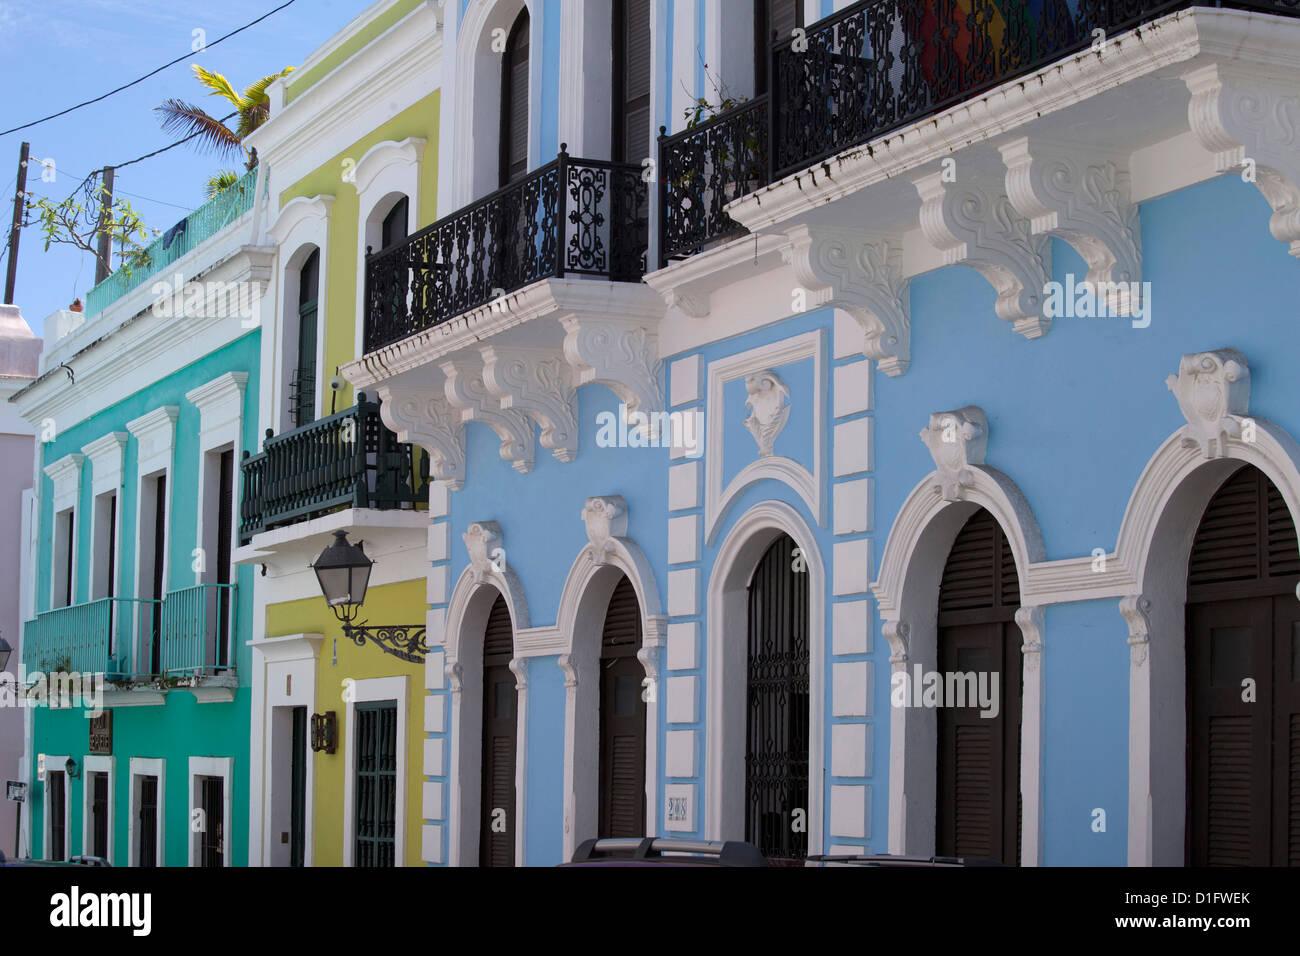 La città coloniale di San Juan, Puerto Rico, West Indies, Caraibi, Stati Uniti d'America, America Centrale Immagini Stock